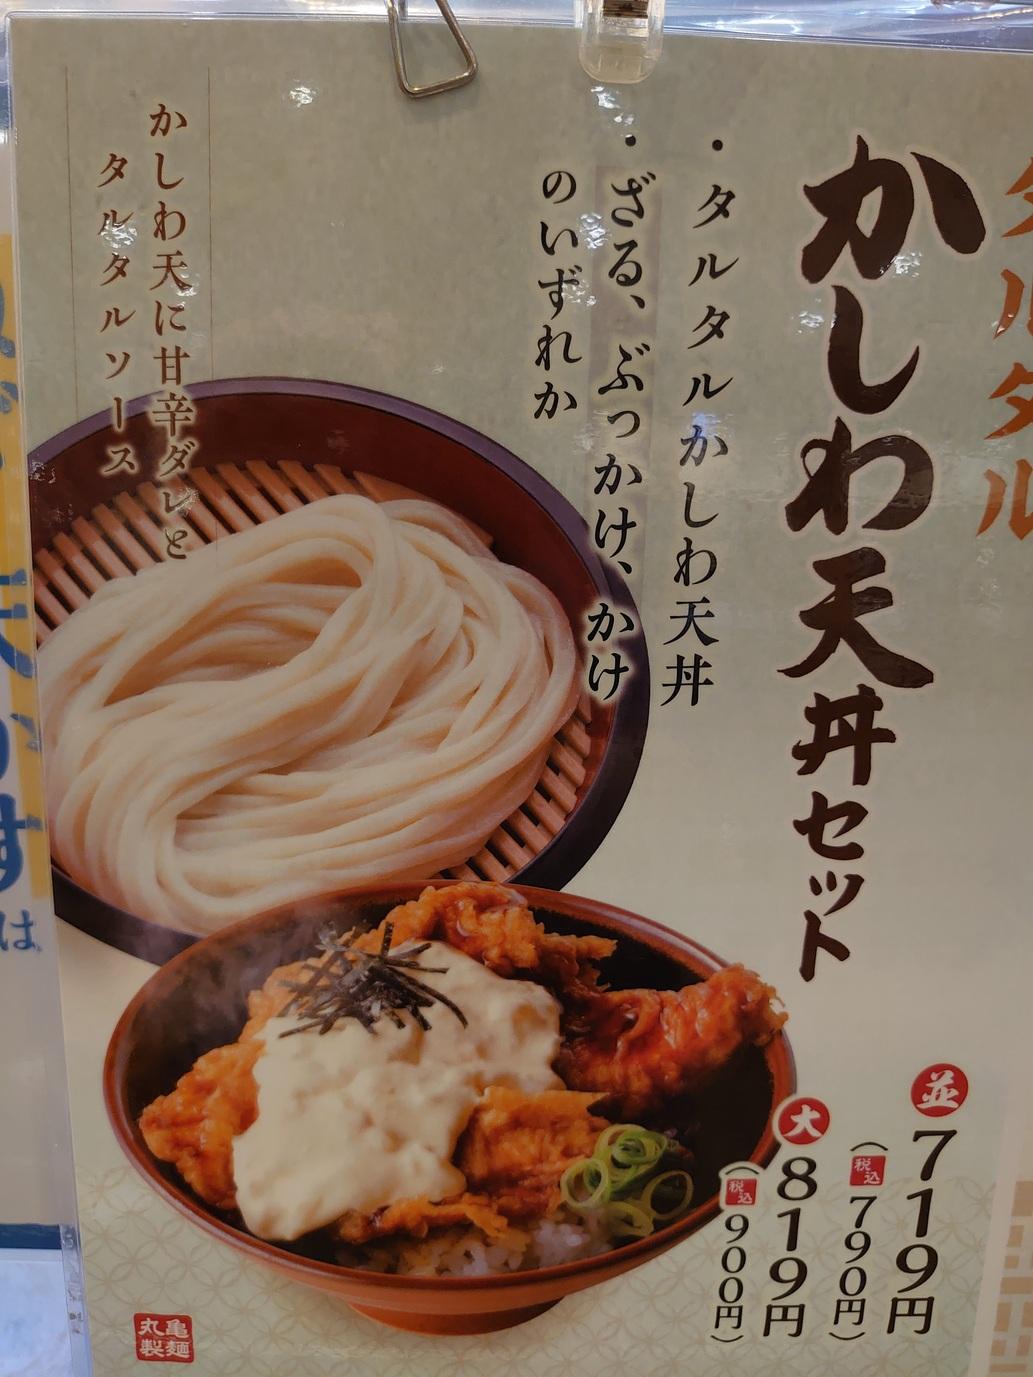 タルタルかしわ天丼の【カロリー/糖質/栄養成分】